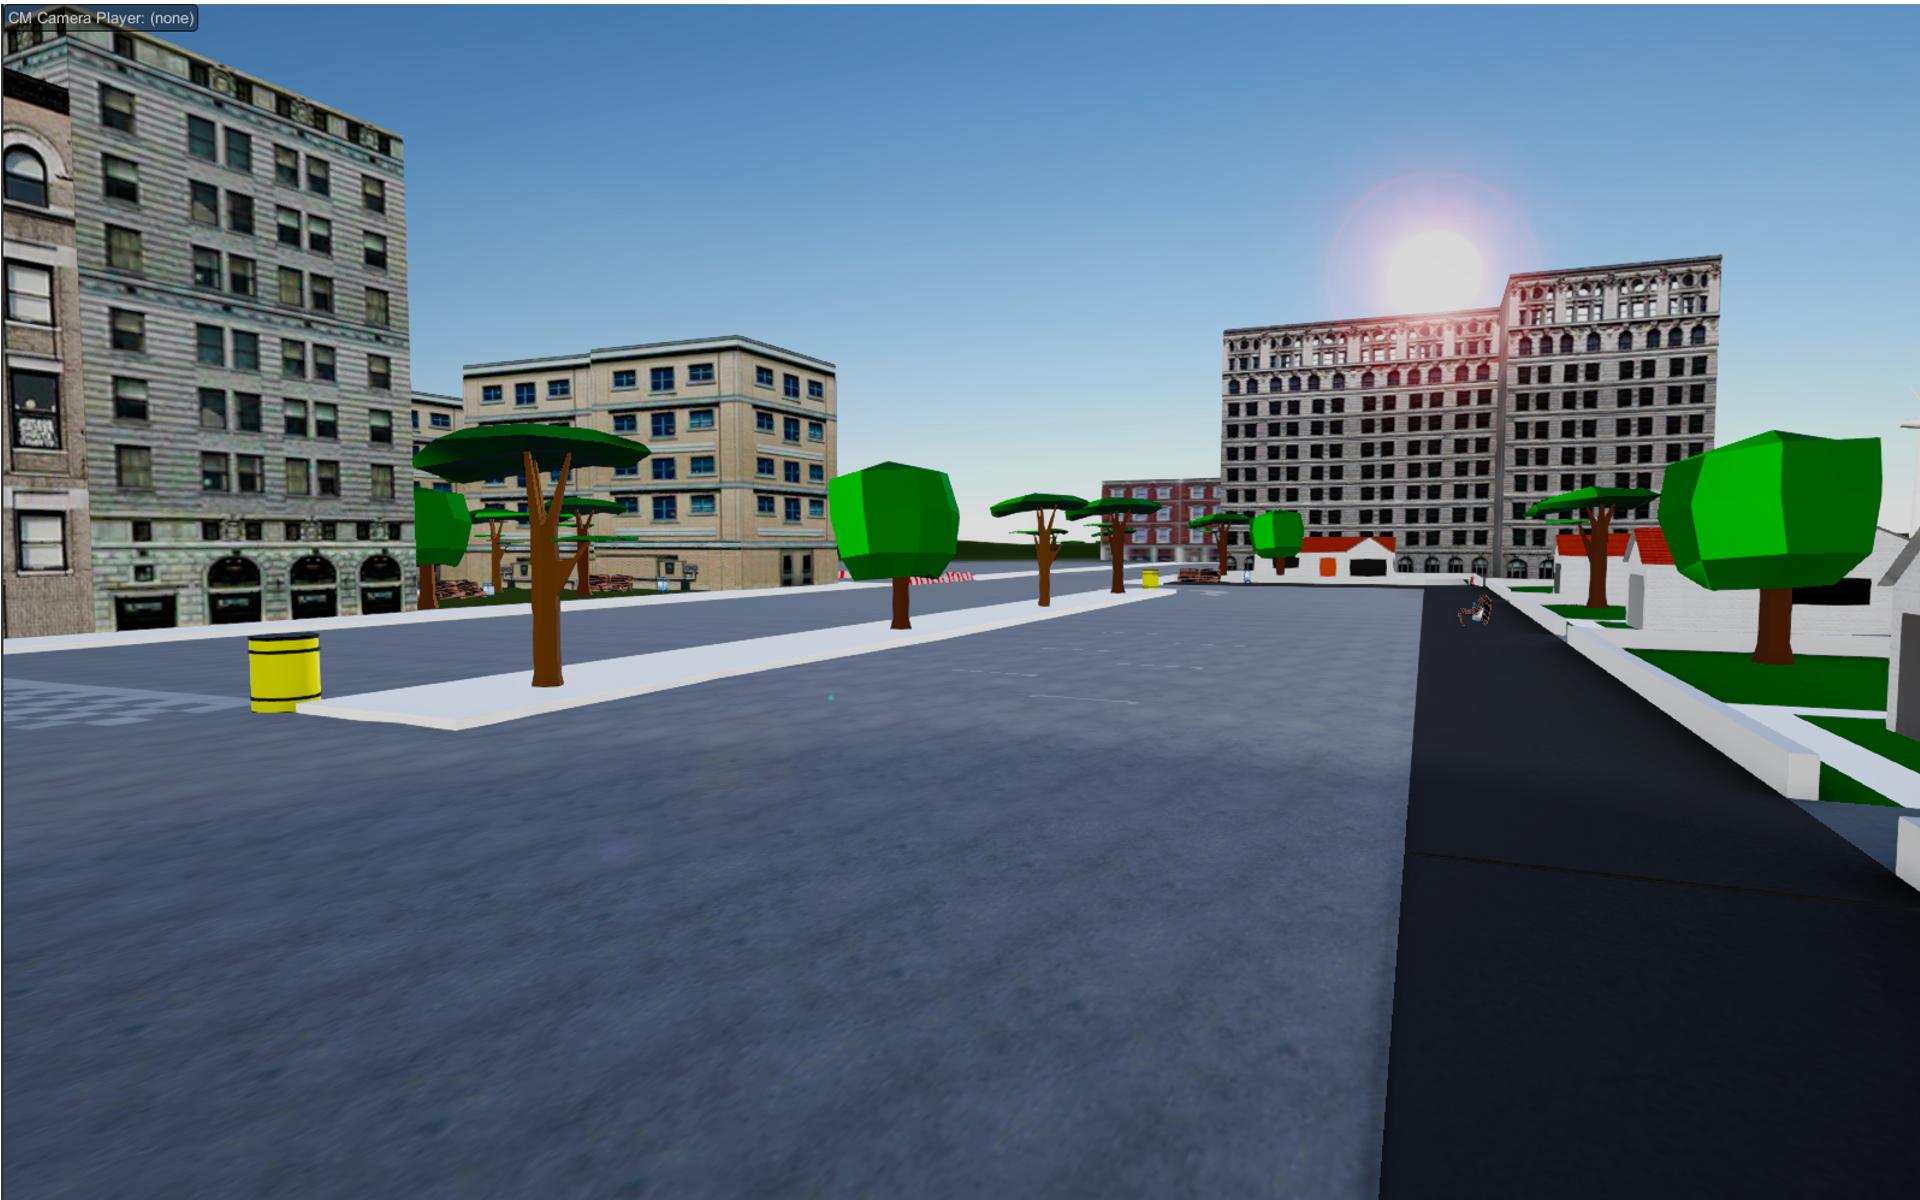 Neighborhood_track